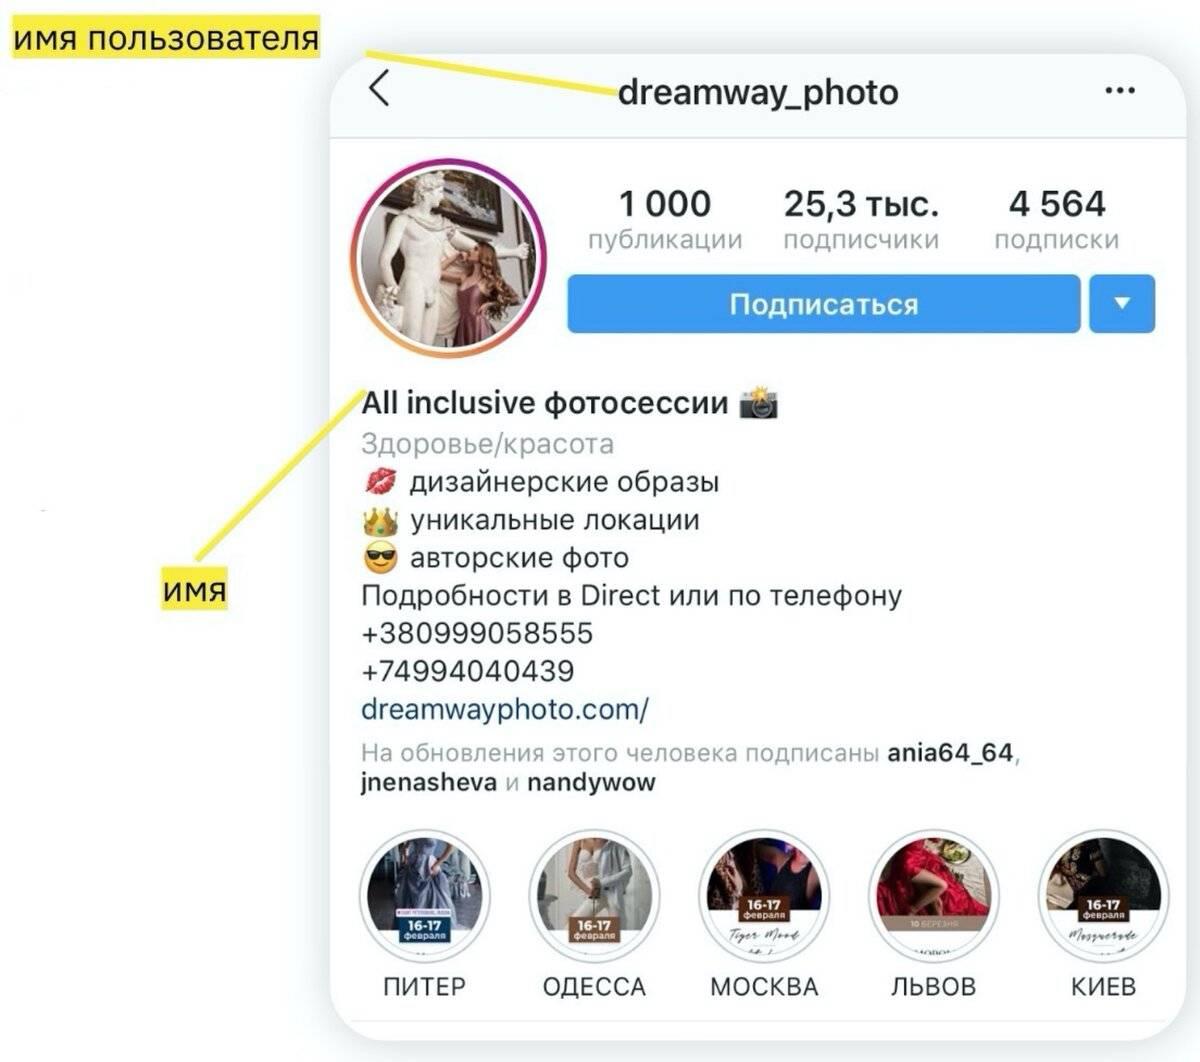 Идеи для названия личного или публичного аккаунта в инстаграм